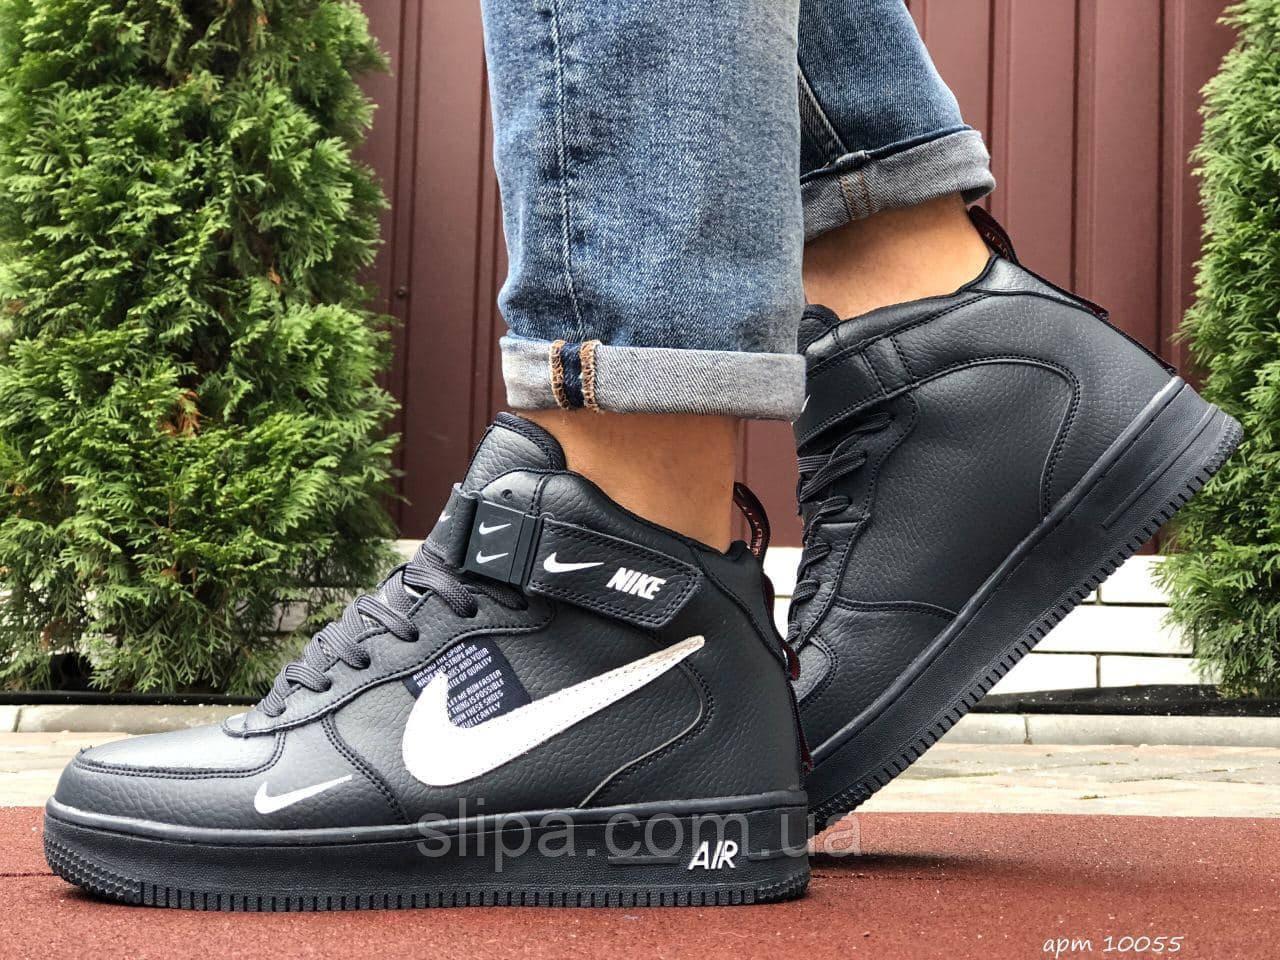 Чоловічі шкіряні зимові кросівки Nike Air Force темно сині з білим